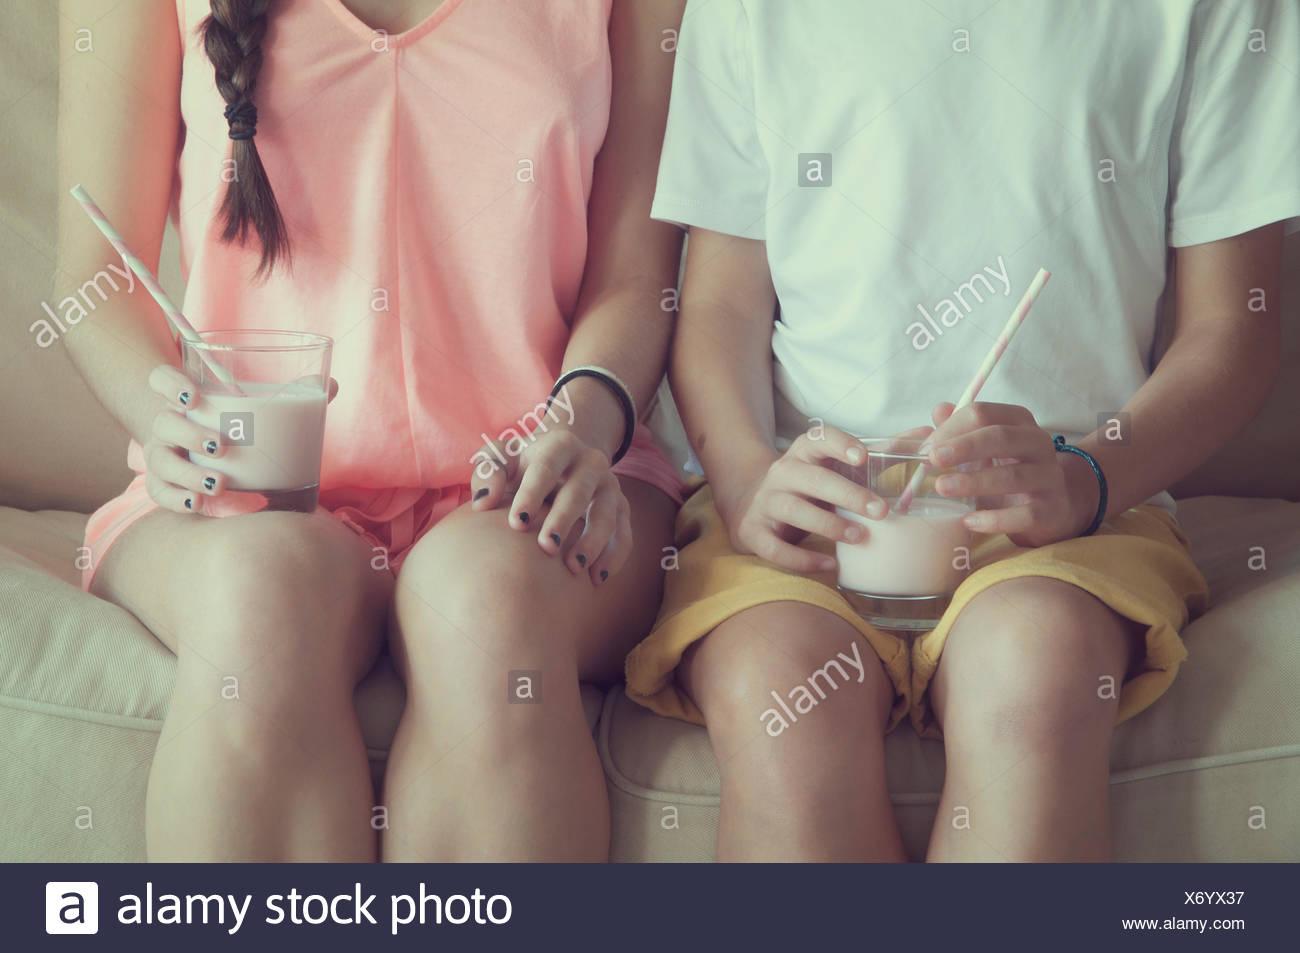 Teen girls flat boobs